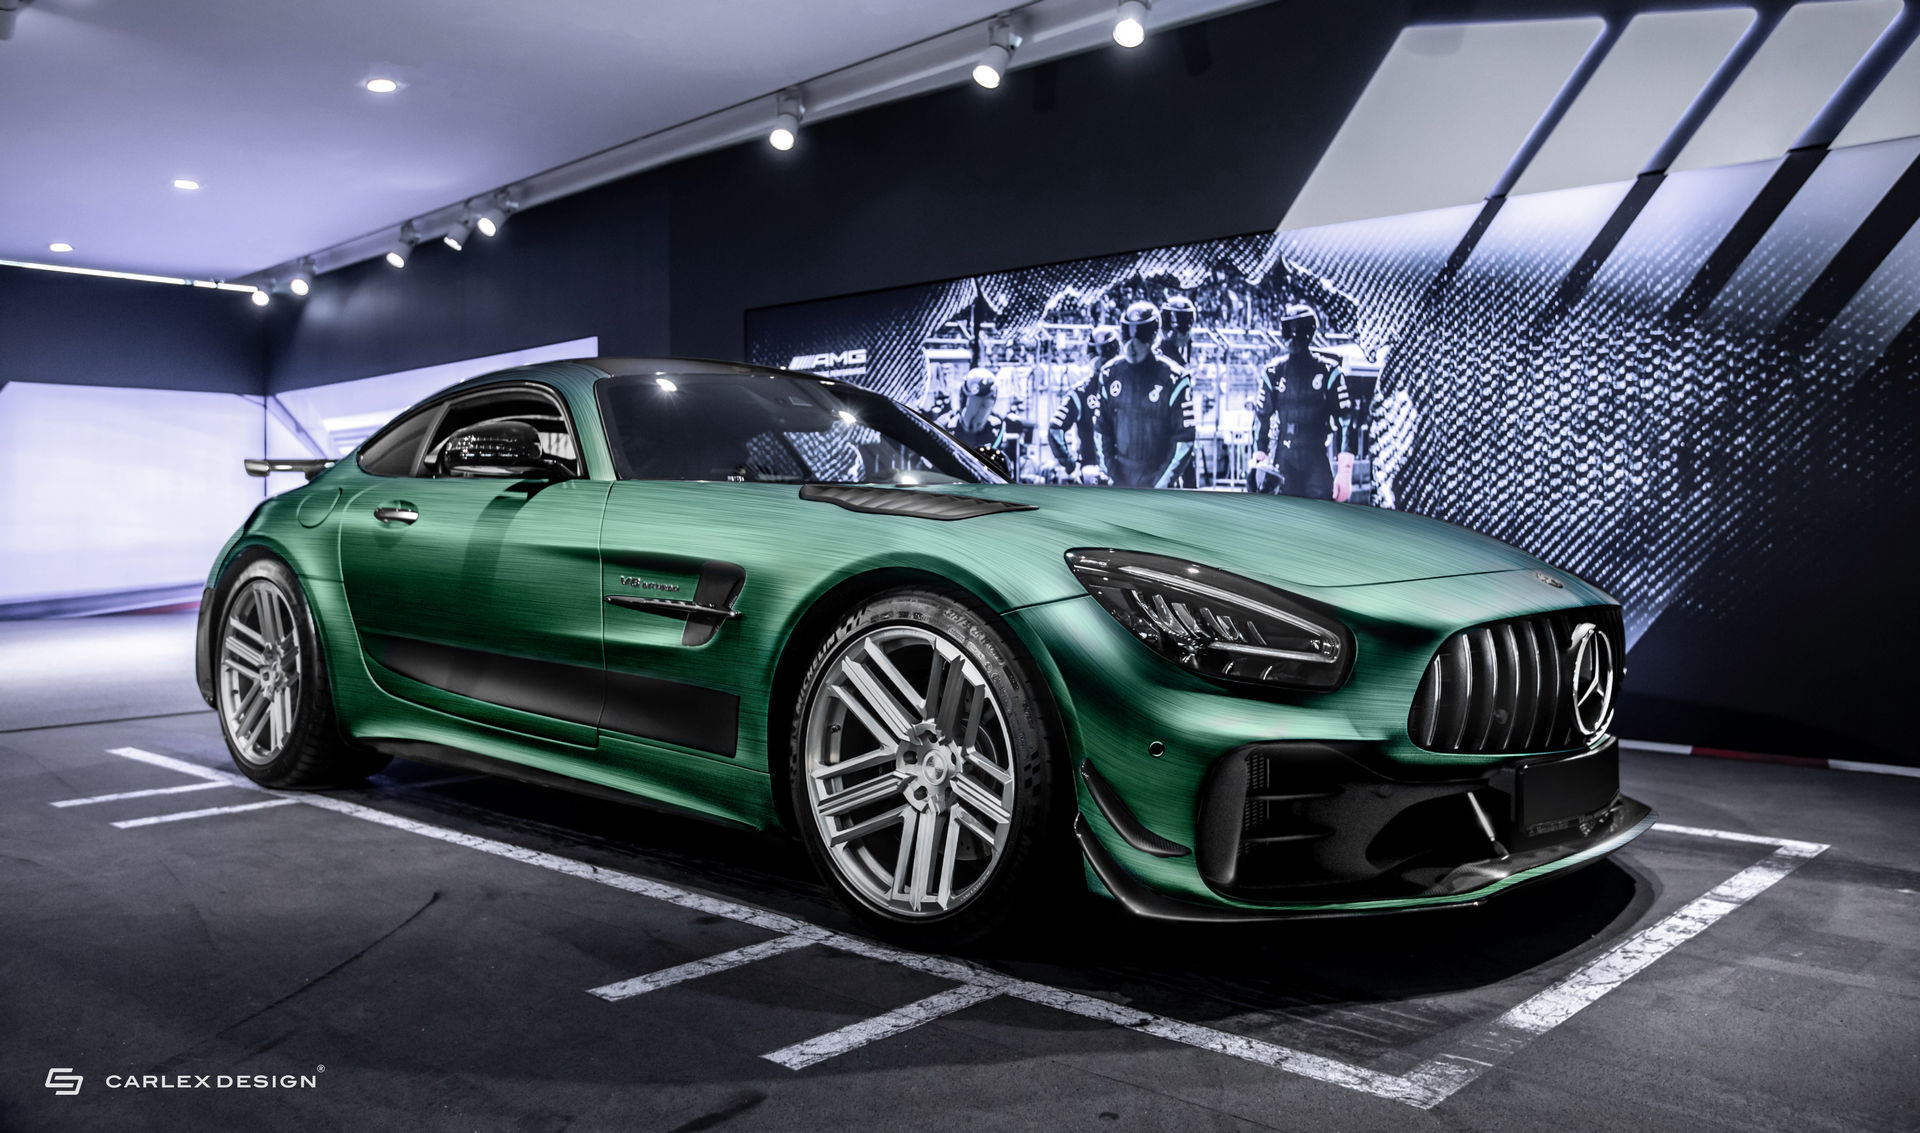 Польские тюнеры из Carlex Design взялись за гоночный Mercedes-AMG GT R PRO: проект под названием Tattoo Edition получил особый салон.